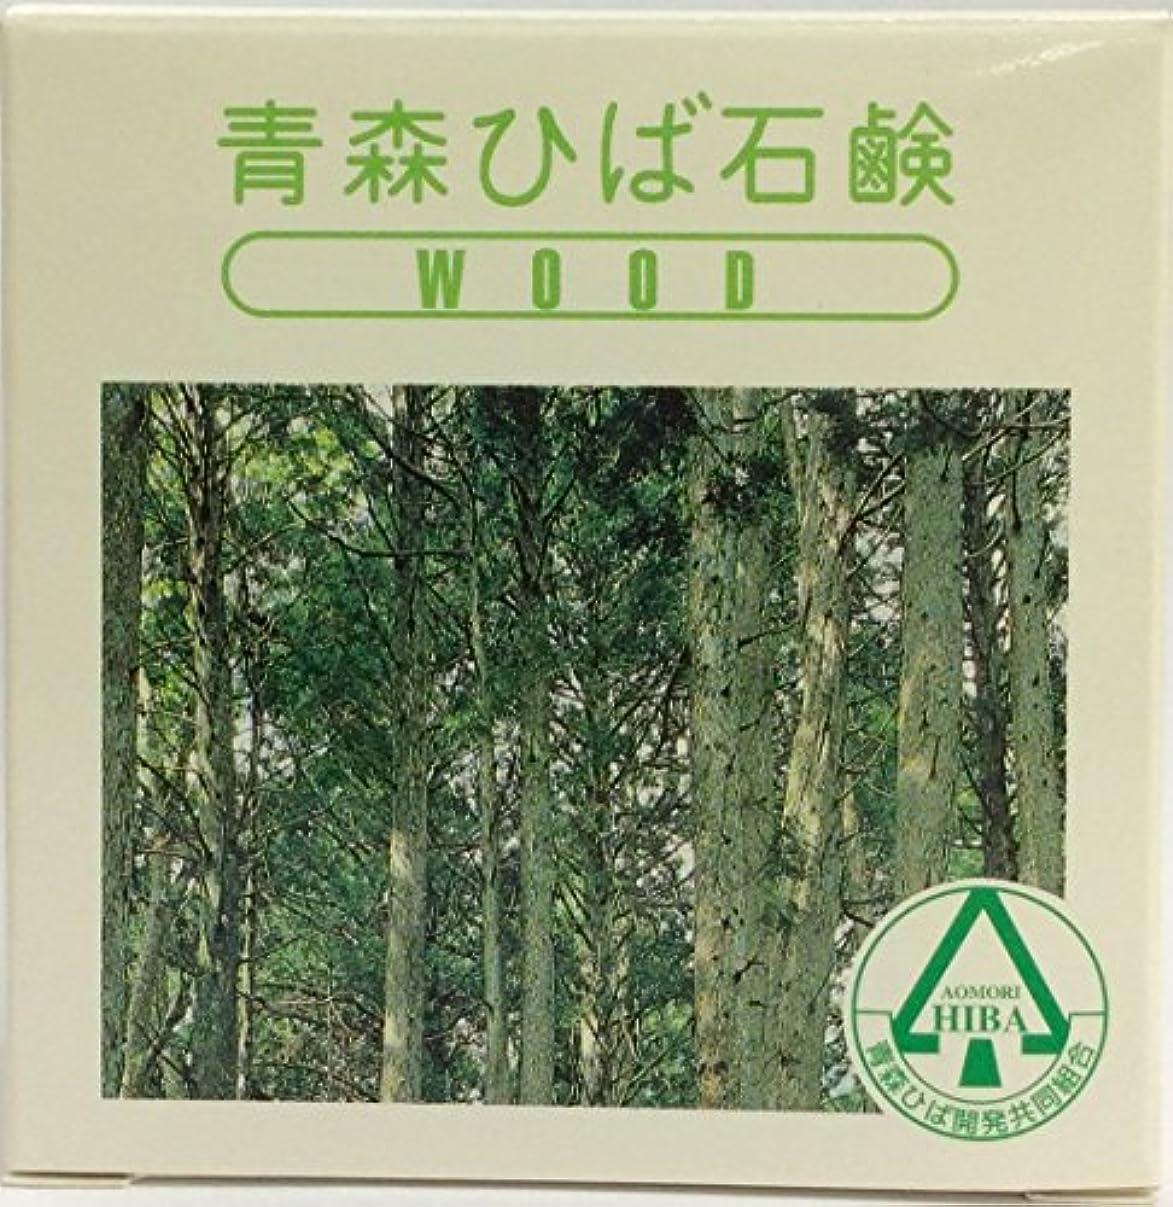 考古学ストライプ調子青森ひば石鹸 WOOD 95g クラウンウッド(Y)